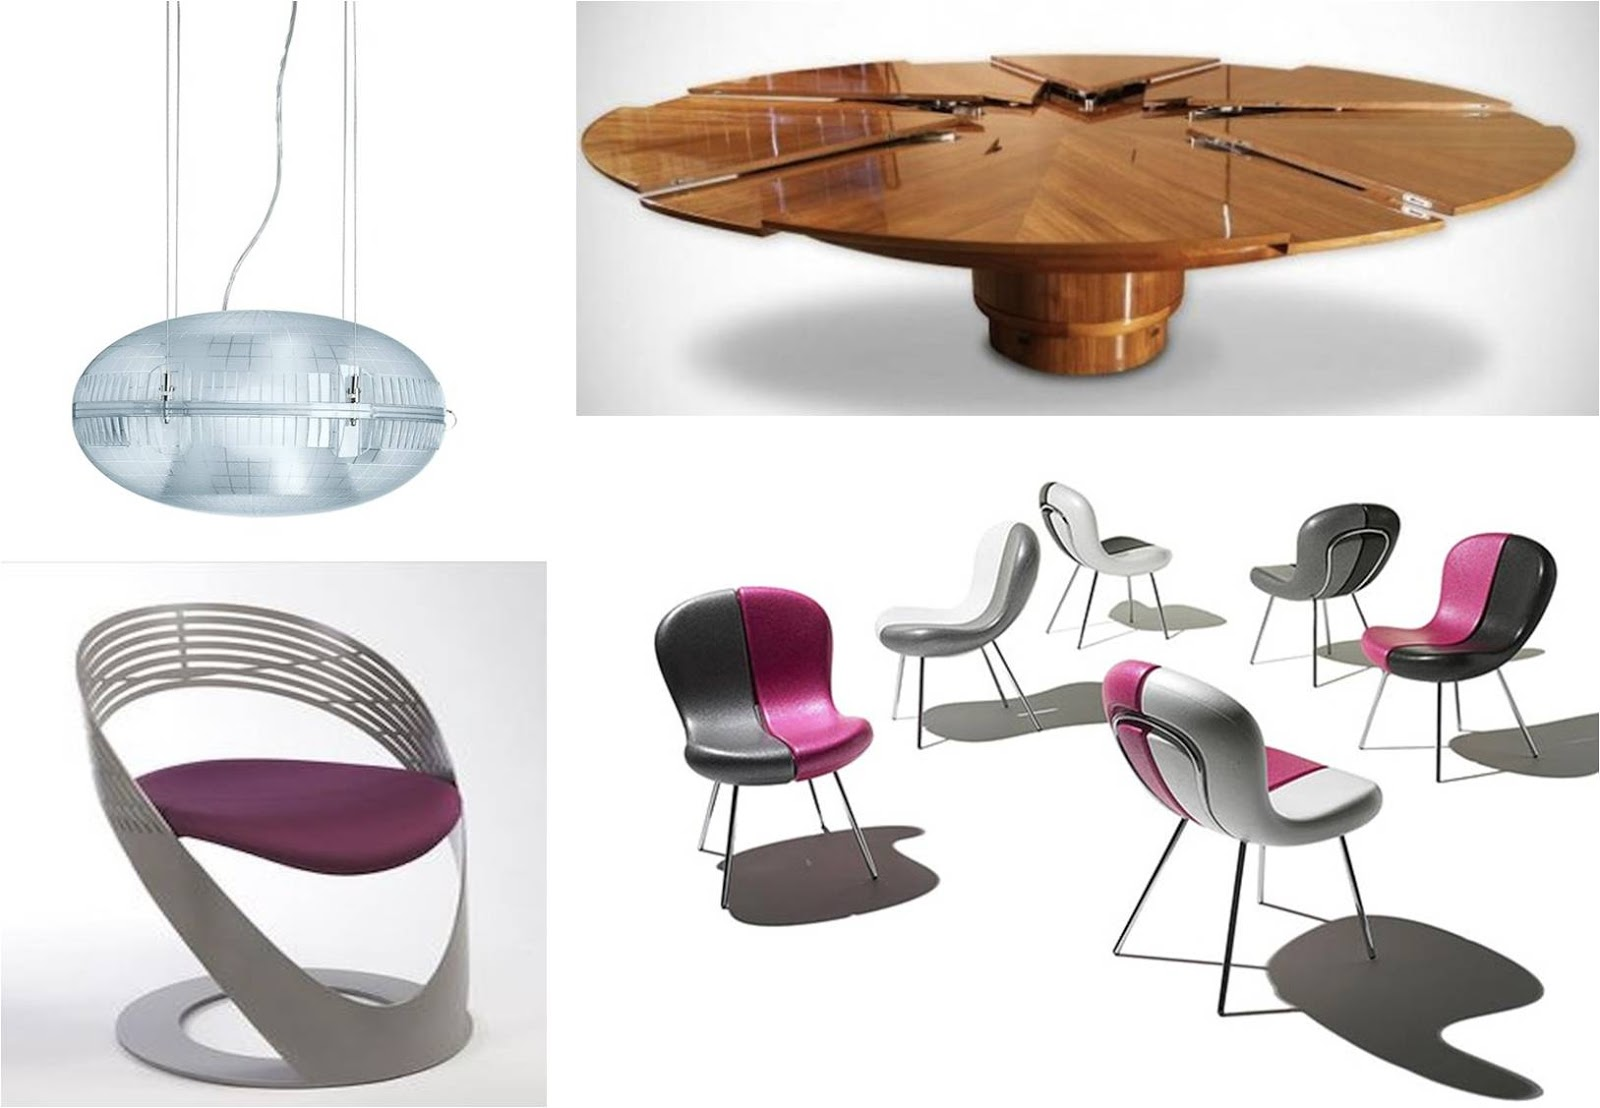 Actualiza tu vivienda con muebles y objetos modernos 2018 for Comedores circulares modernos